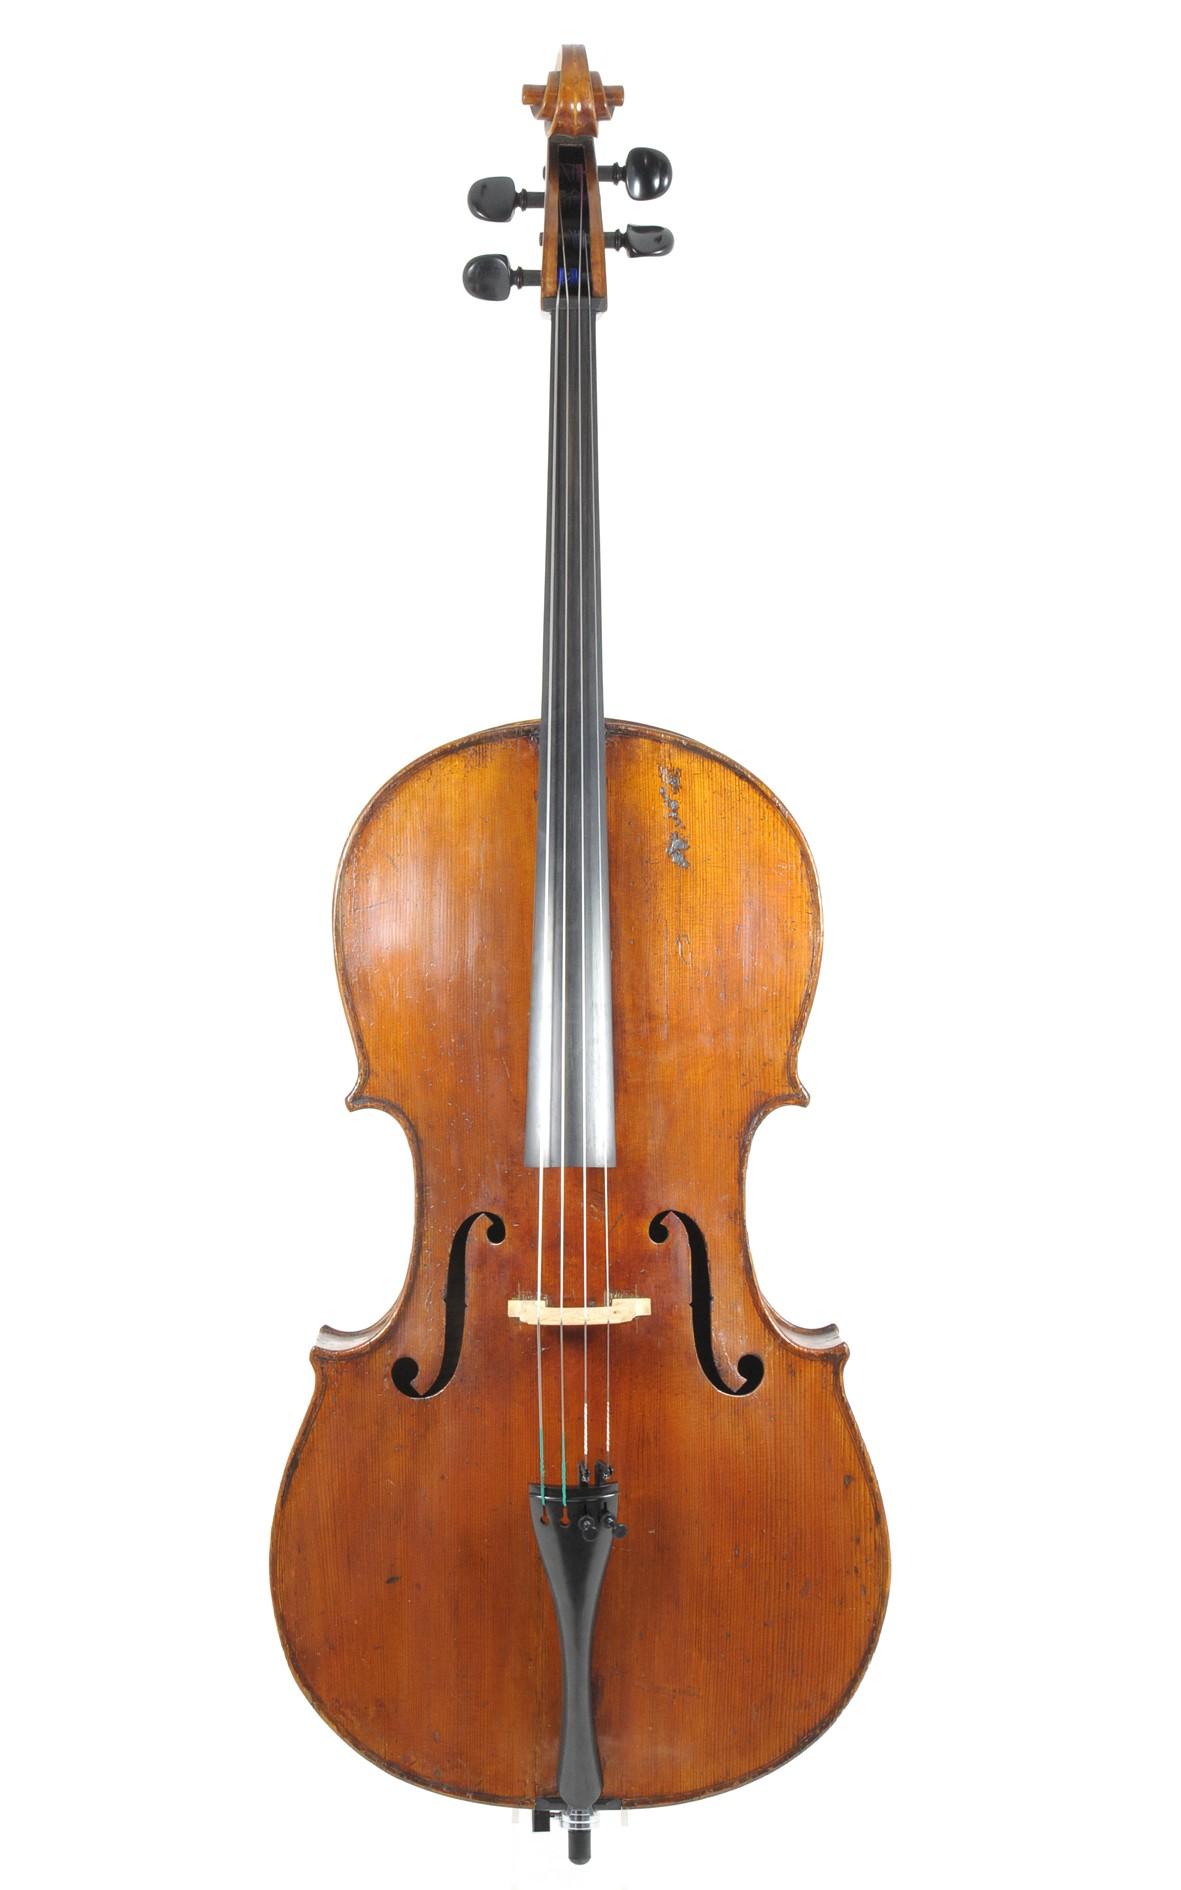 Markneukirchen cello, violoncello approx. 1850 - table